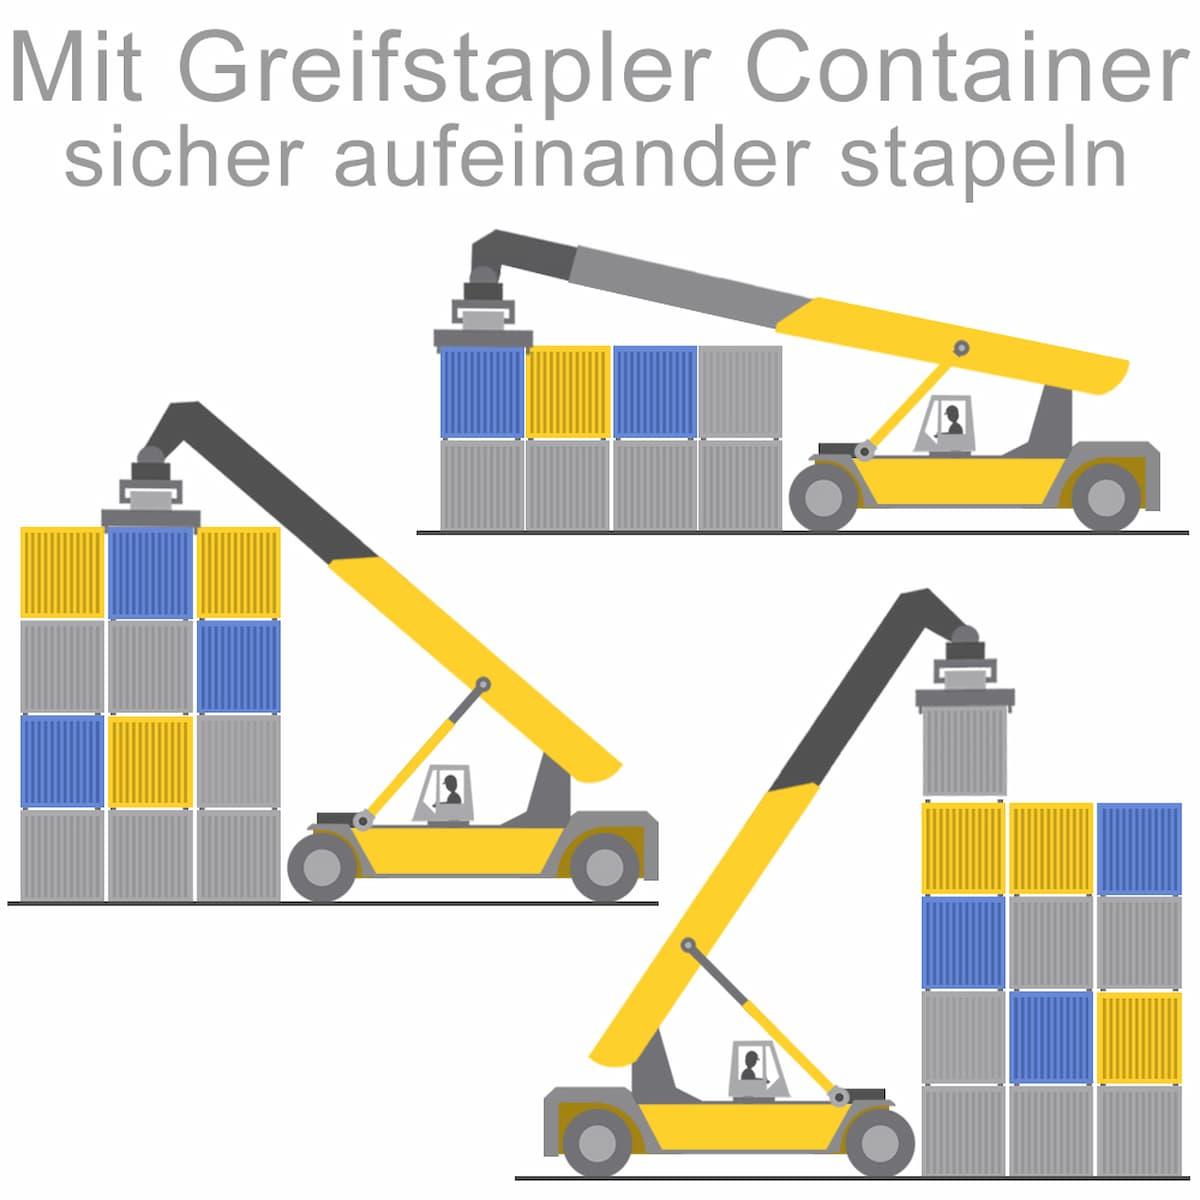 Mit Greifstaplern Container sicher aufeinander stapeln